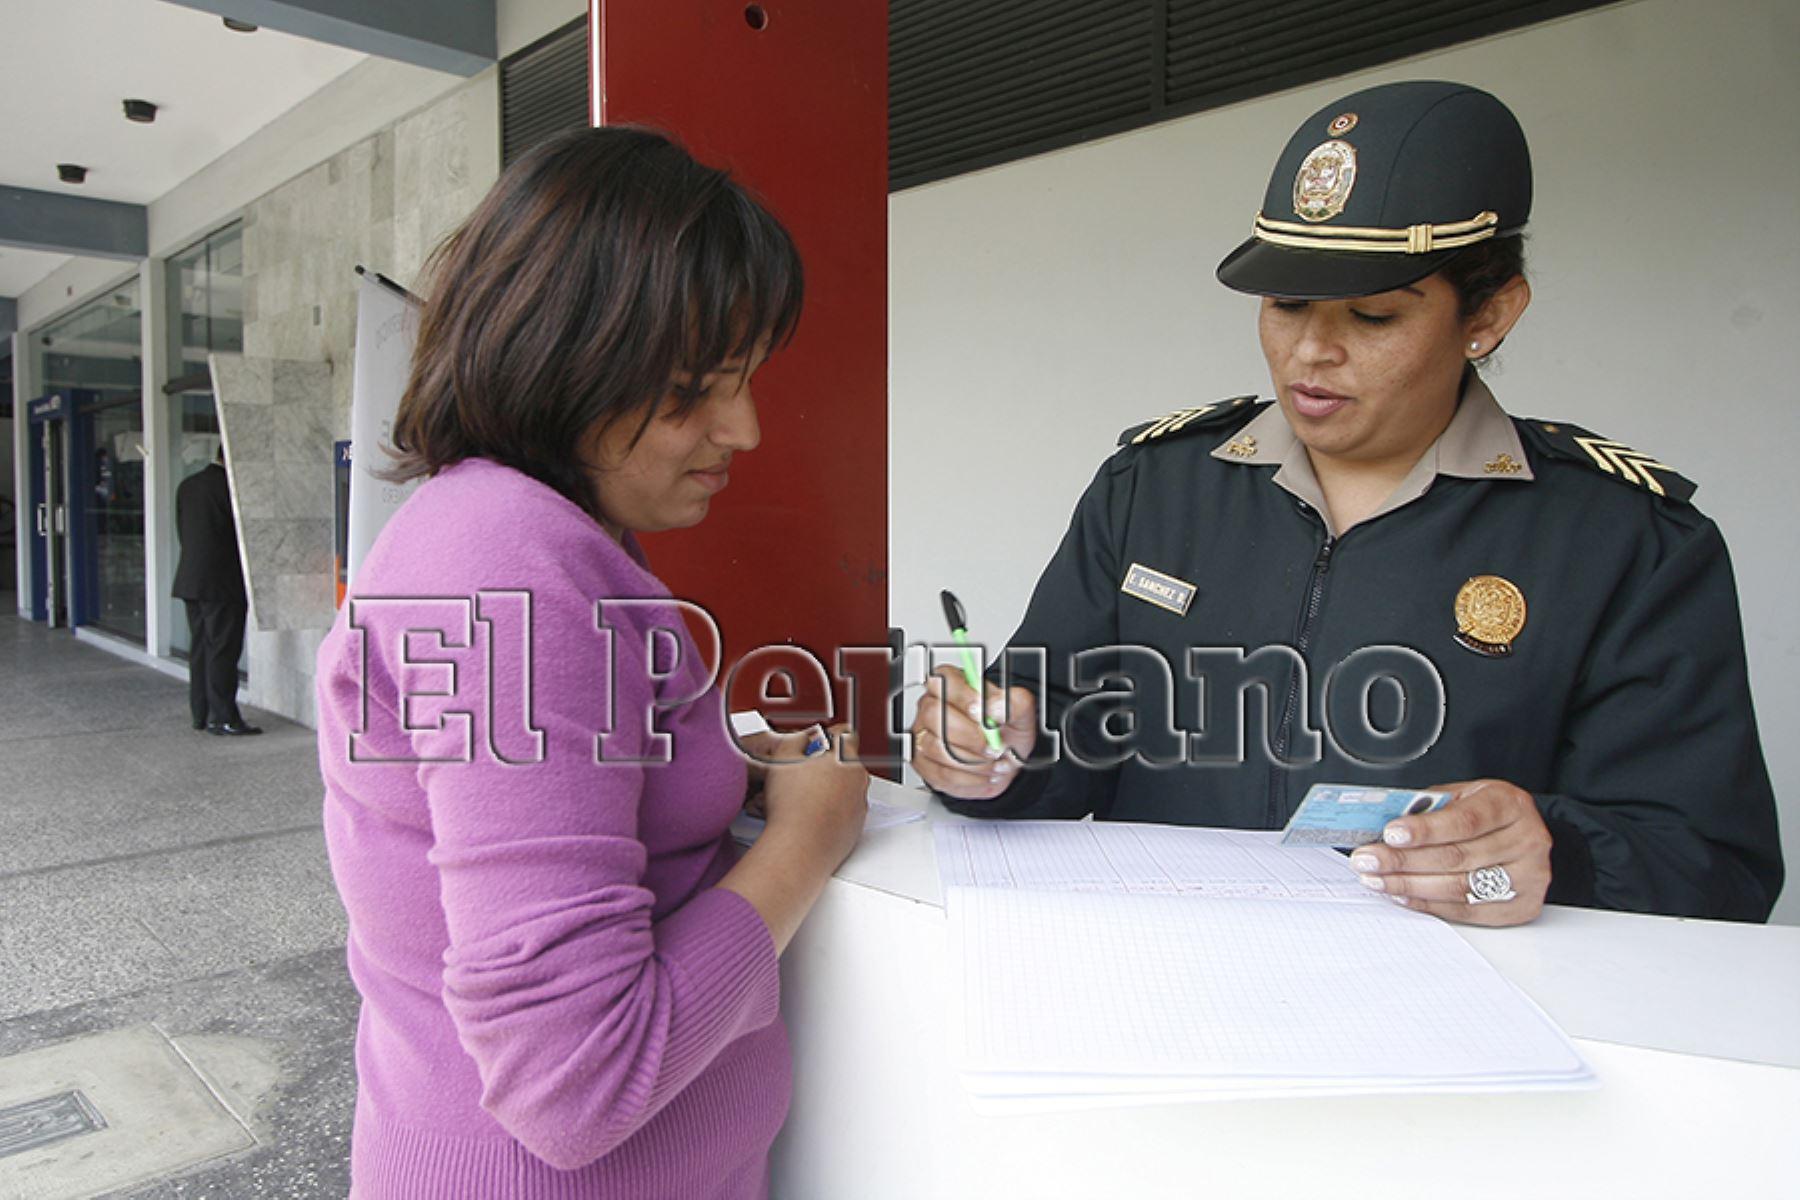 Lima – 29 setiembre 2008 / Programa Protégeme, brinda resguardo, para evitar asaltos a clientes de Bancos. una integrante de la policía femenina, toma datos personales a señora, que solicita servicio. Foto: Archivo EL PERUANO